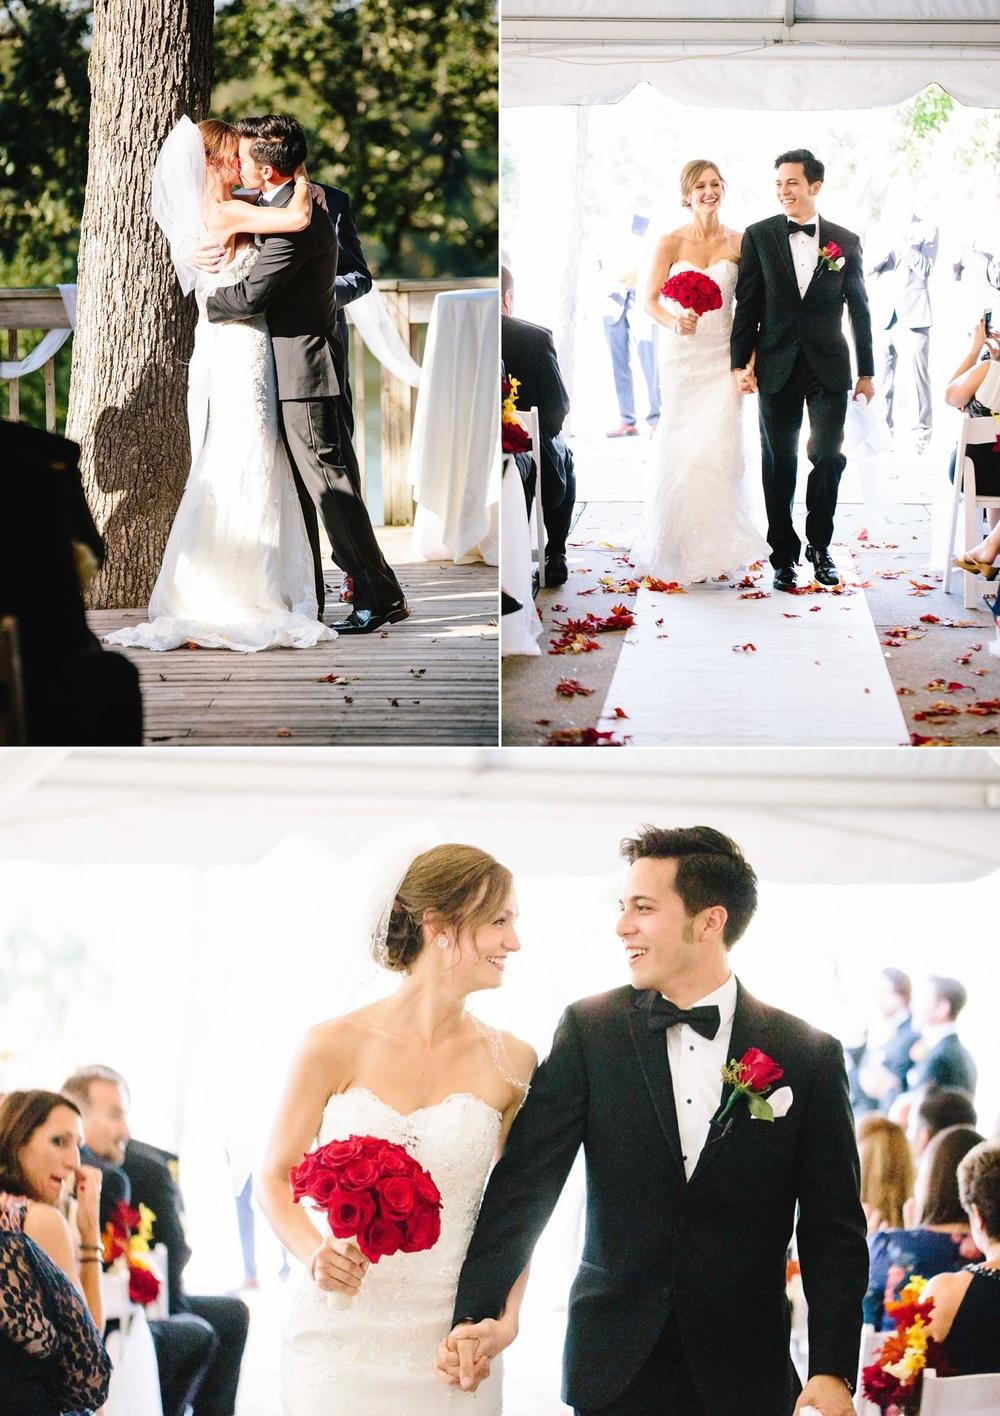 chicago-fine-art-wedding-photography-nellessen13